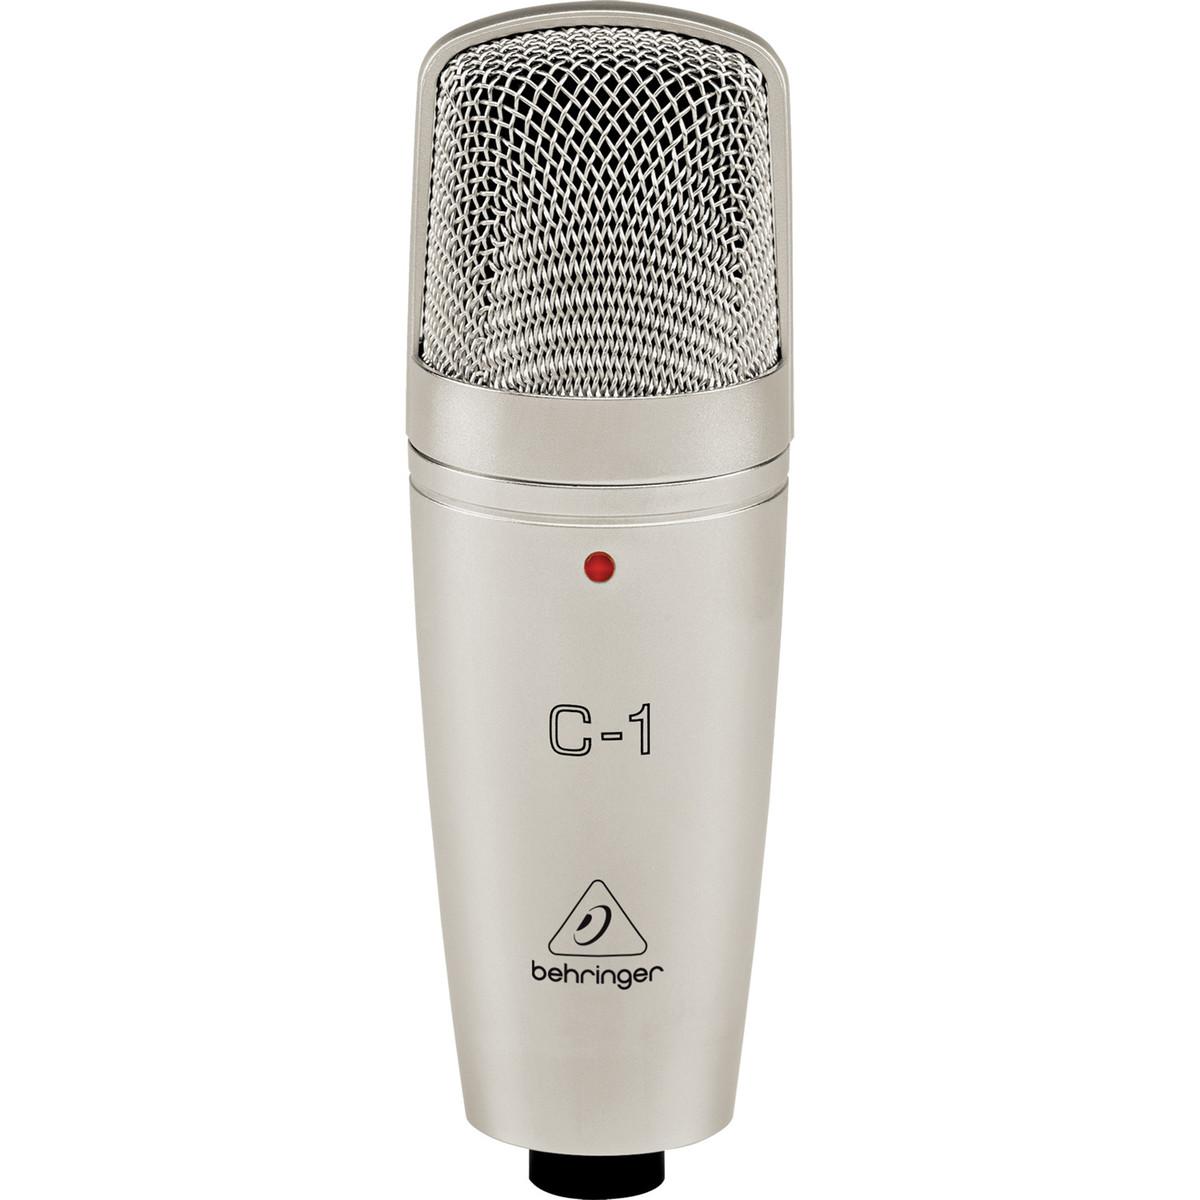 behringer c 1 condenser microphone at gear4music. Black Bedroom Furniture Sets. Home Design Ideas